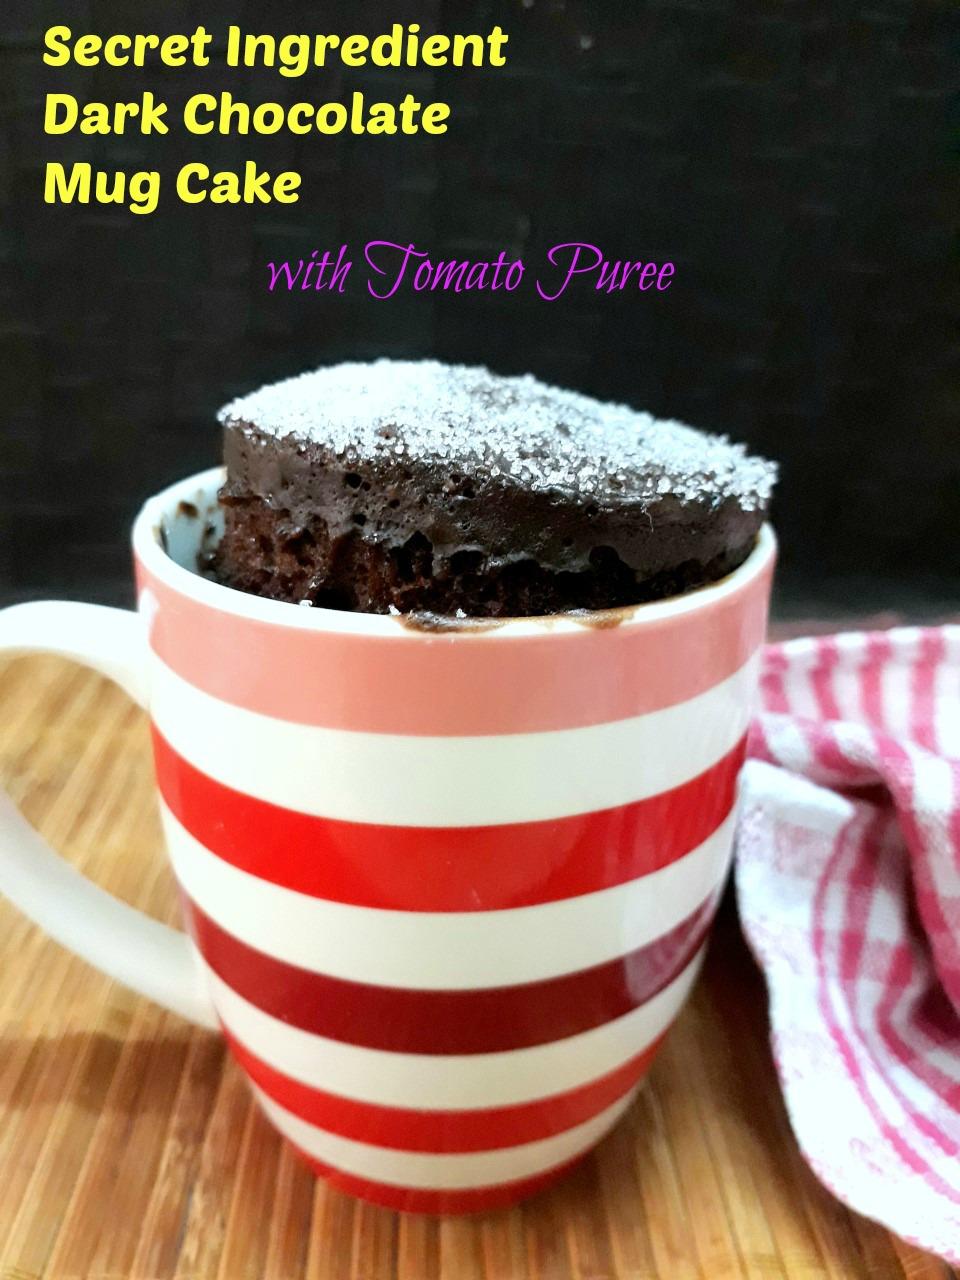 Secret Ingredient Chocolate Mug Cake